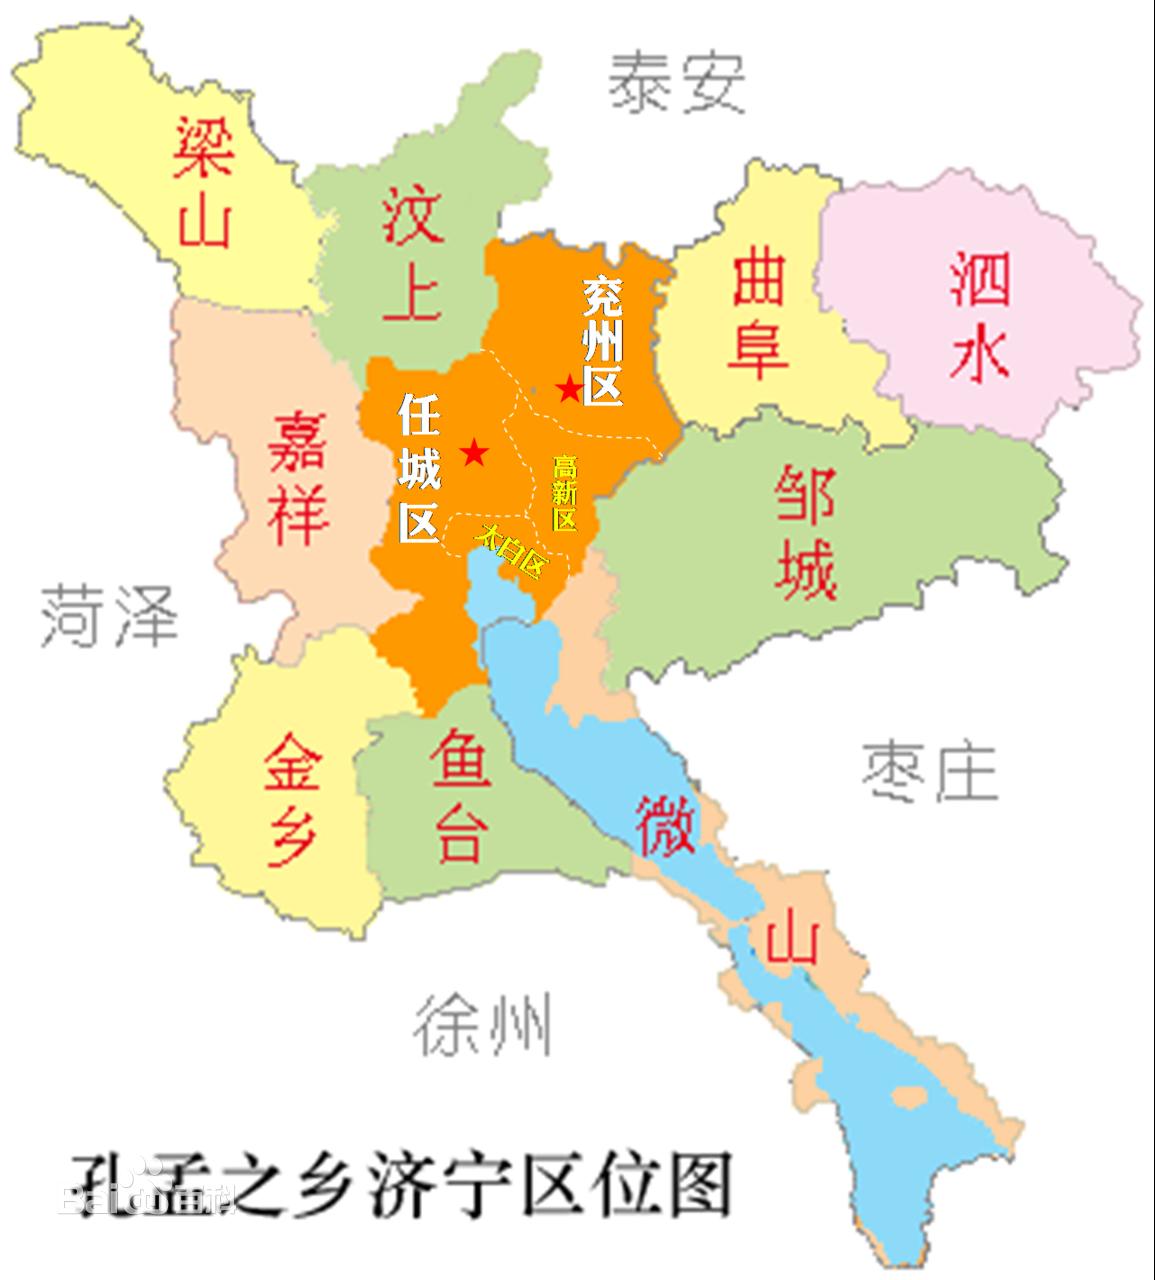 最新济宁市区划图(1155x1280)-济宁市区地图 济宁城区地图 济宁好